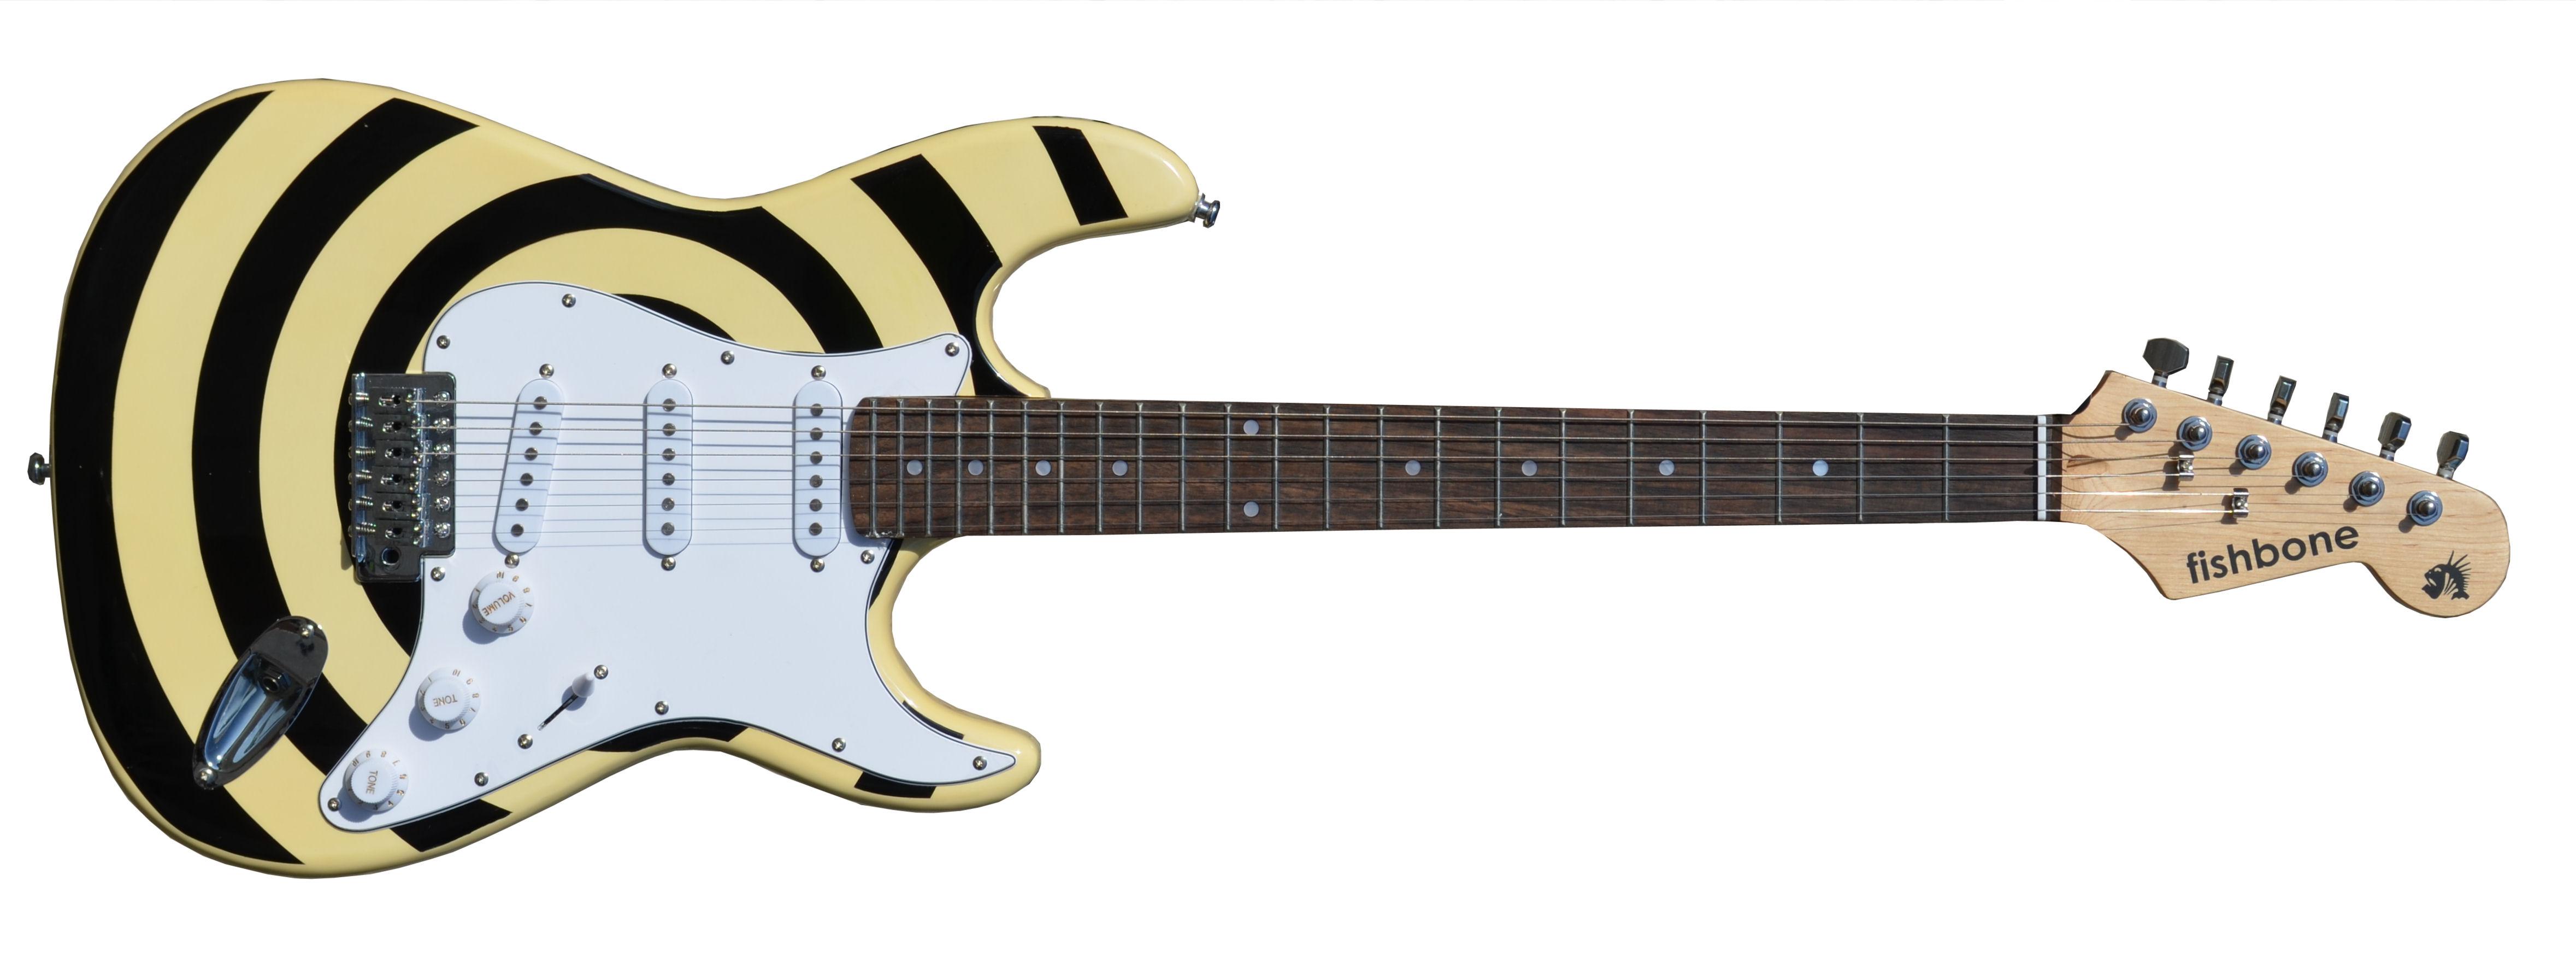 Schön Stratocaster Schaltplan Für Gitarre Bilder - Die Besten ...